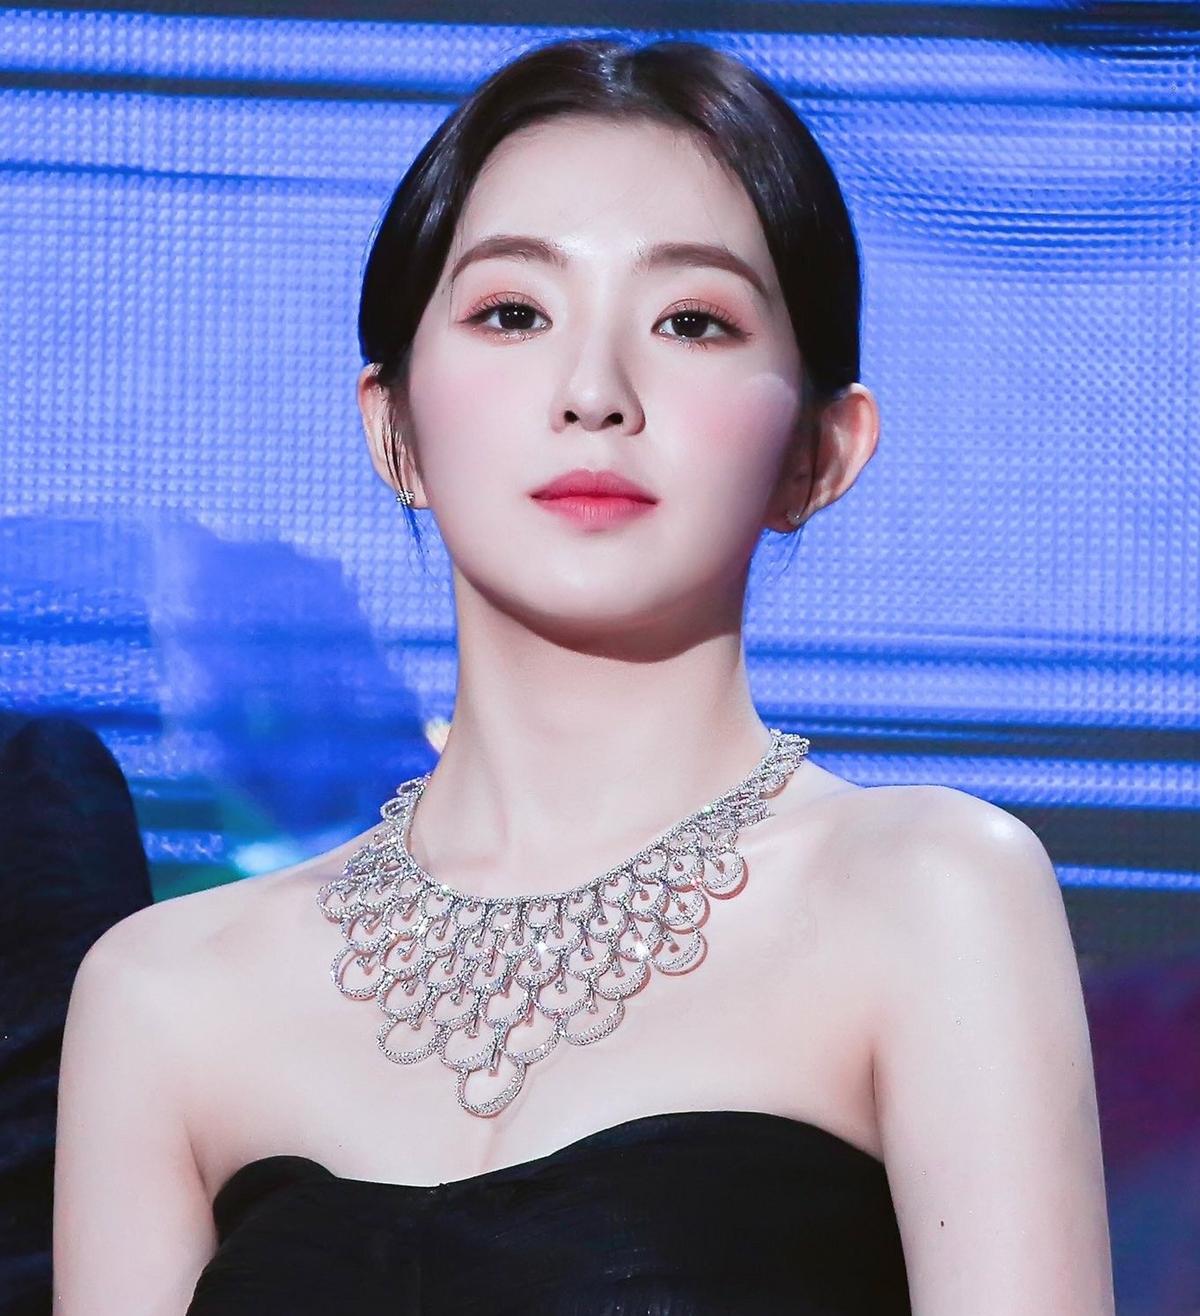 5 mỹ nhân đẹp nhất Kpop được giới idol lựa chọn - 13